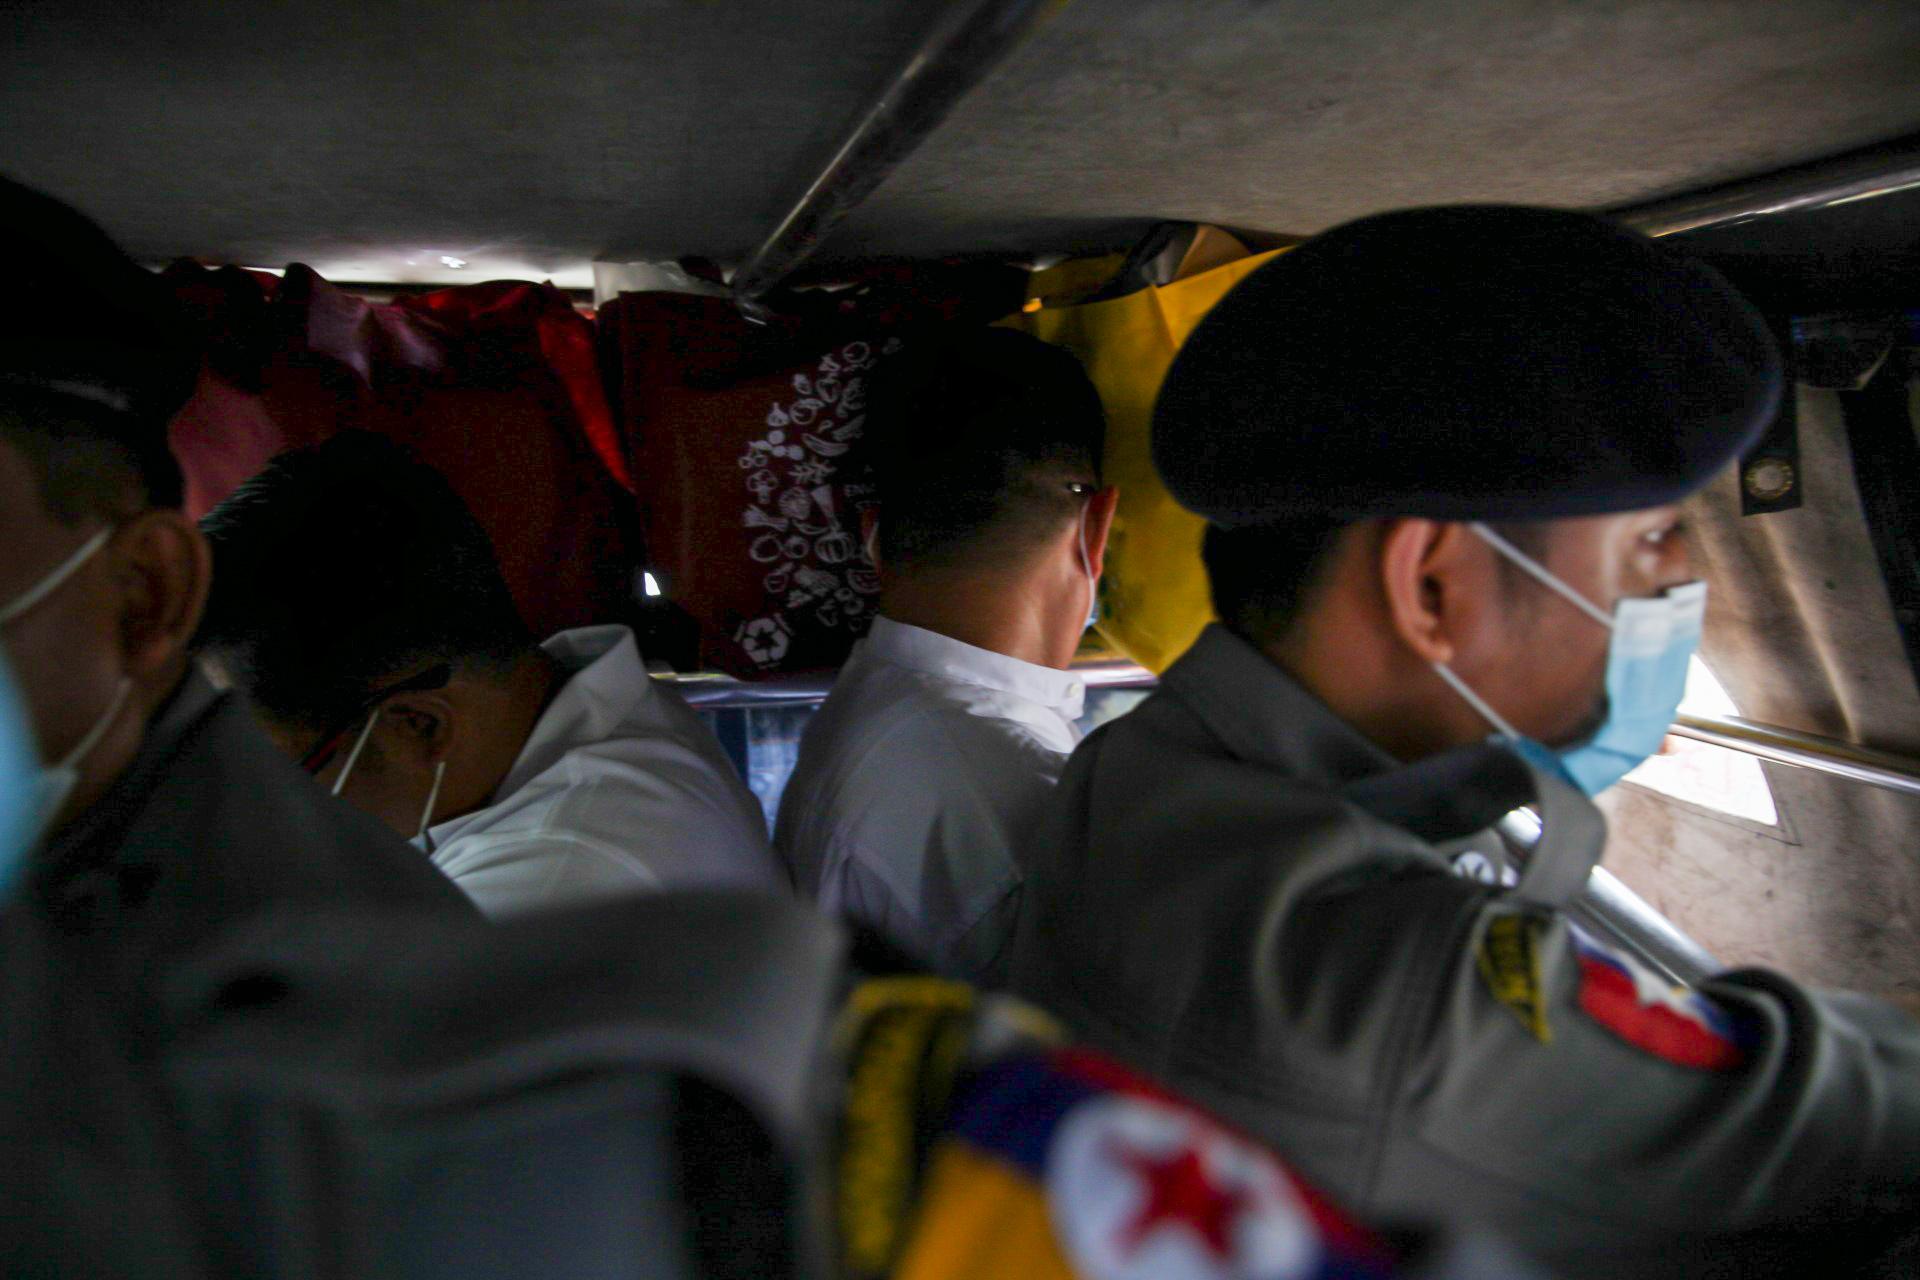 ဩဂုတ်၆ရက်တွင် မရမ်းကုန်းမြို့နယ်တရားရုံးက စီရင်ချက်ချအပြီး ပြန်လည်ထွက်ခွာသွားသော စောဒေးဗစ်လာနှင့် ဦးဝေထွန်းတို့ကို တွေ့ရစဉ်။  (သူရဇော် | ဖရွန်တီးယားမြန်မာ)